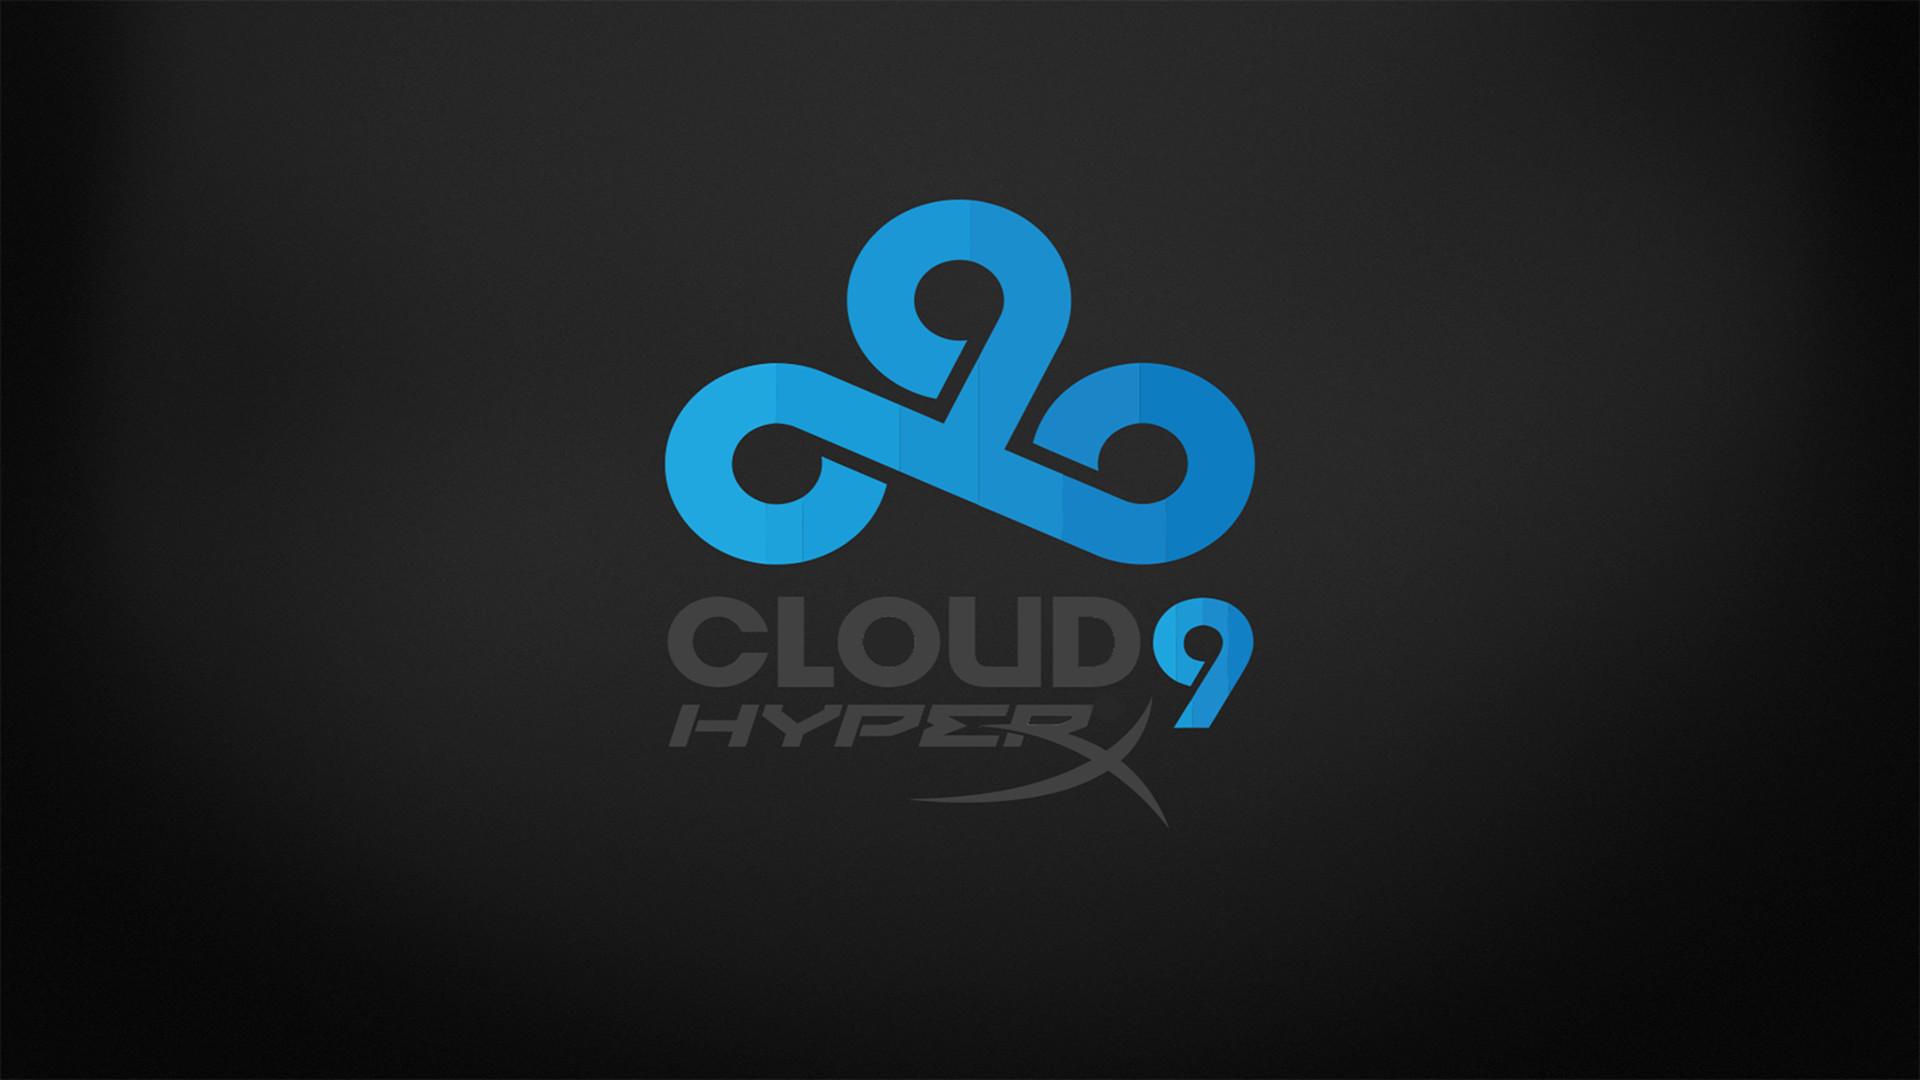 Get Cloud 9 Wallpaper Phone Gif